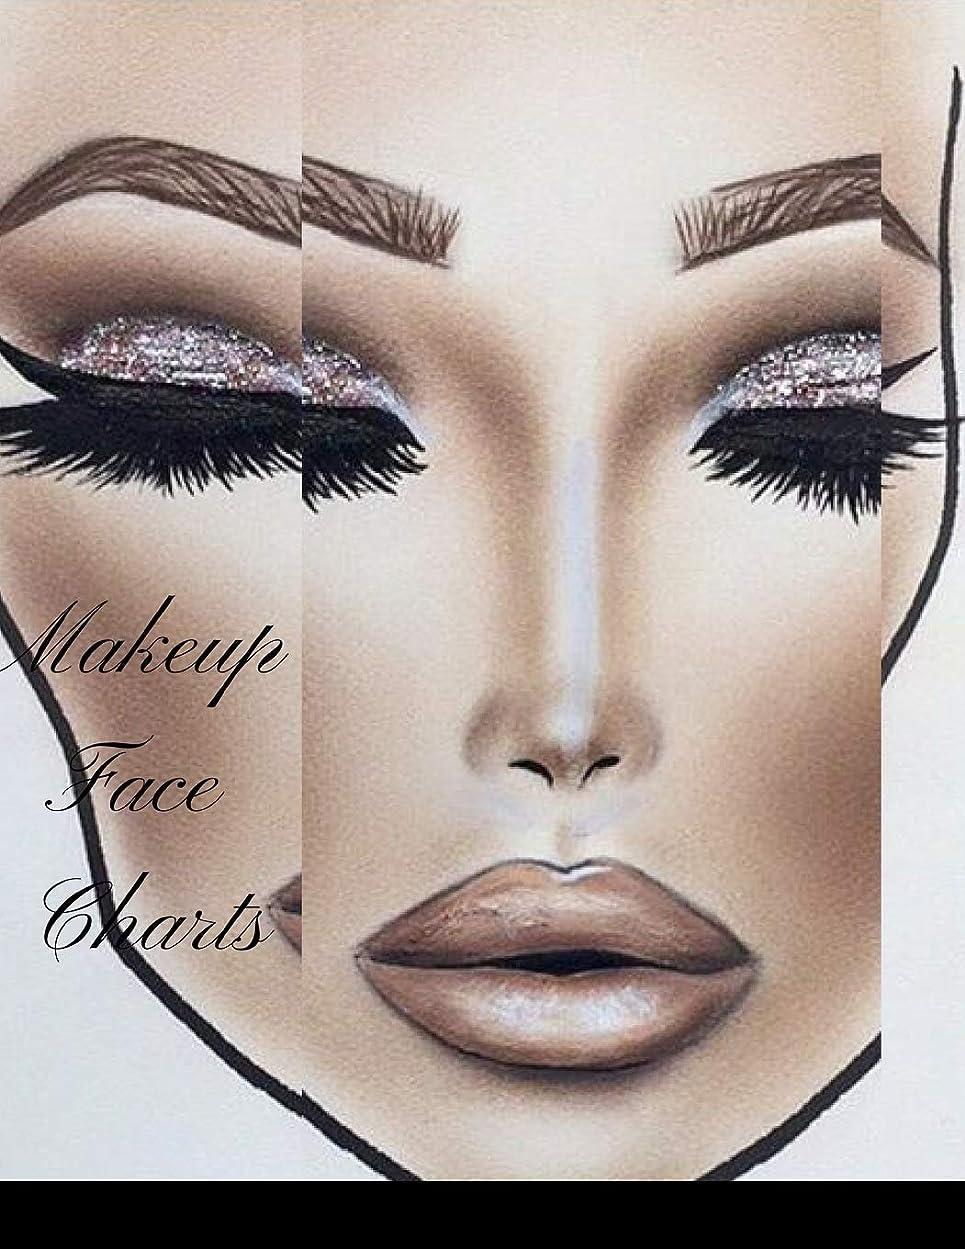 ええ目に見えるマングルMakeup Face Charts: The Blank Workbook Paper Practice Face Charts For Professional Makeup Artists